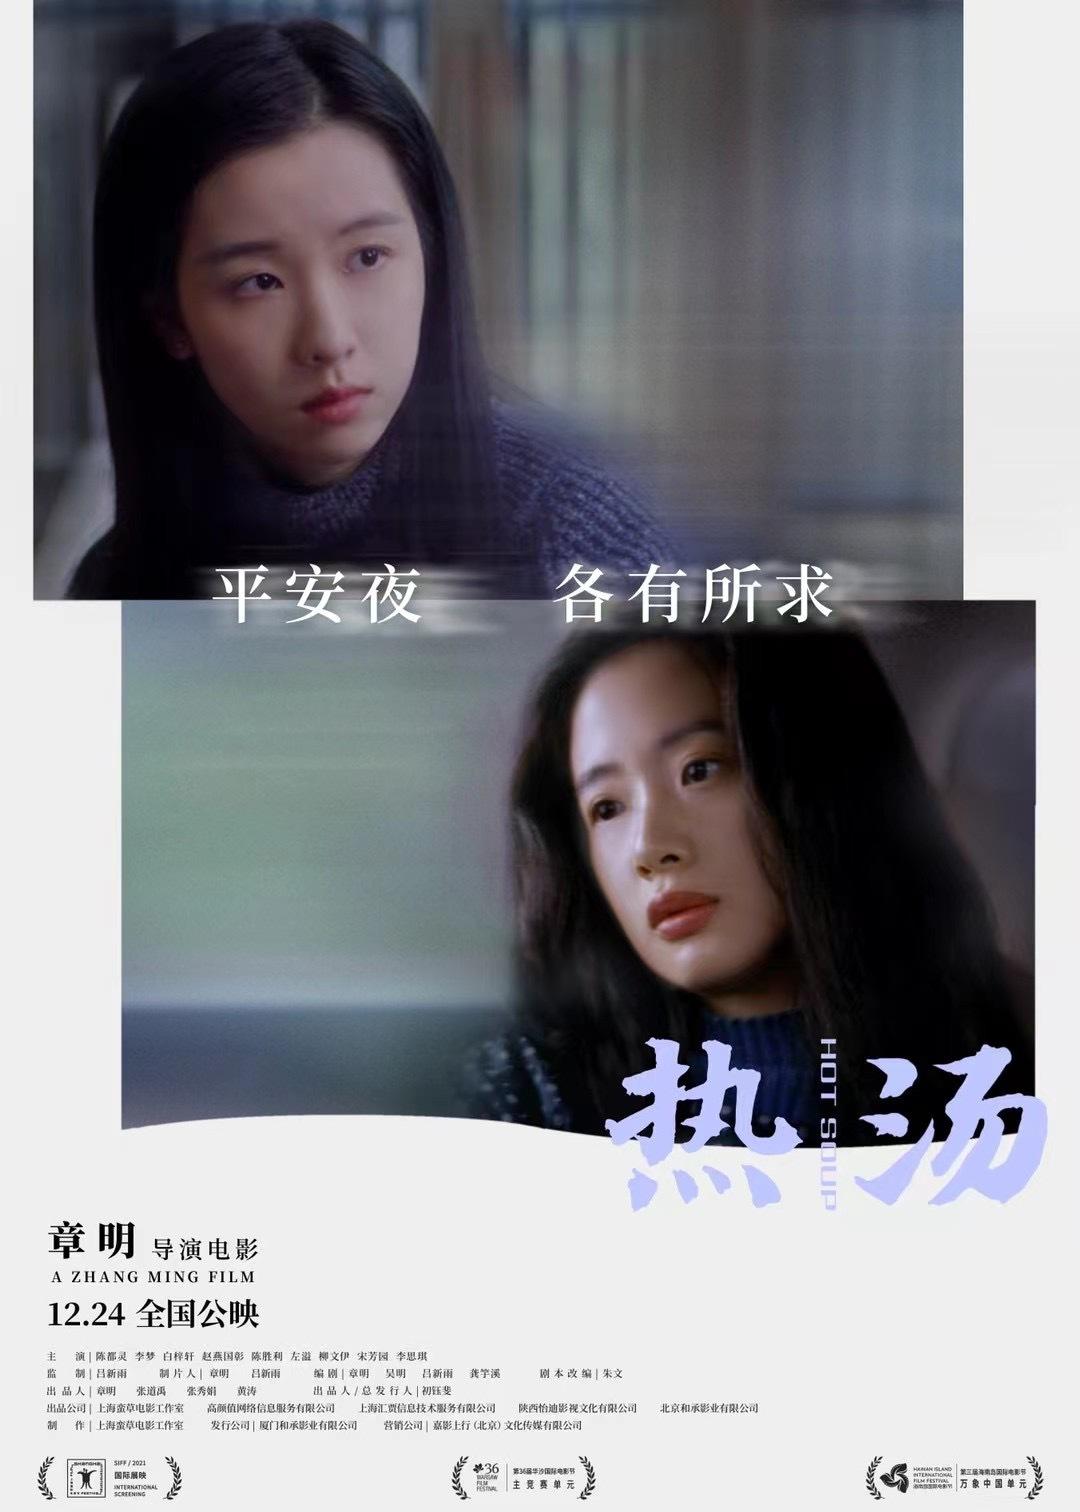 影视资讯电影《热汤》定档1224,章明导演再献佳作